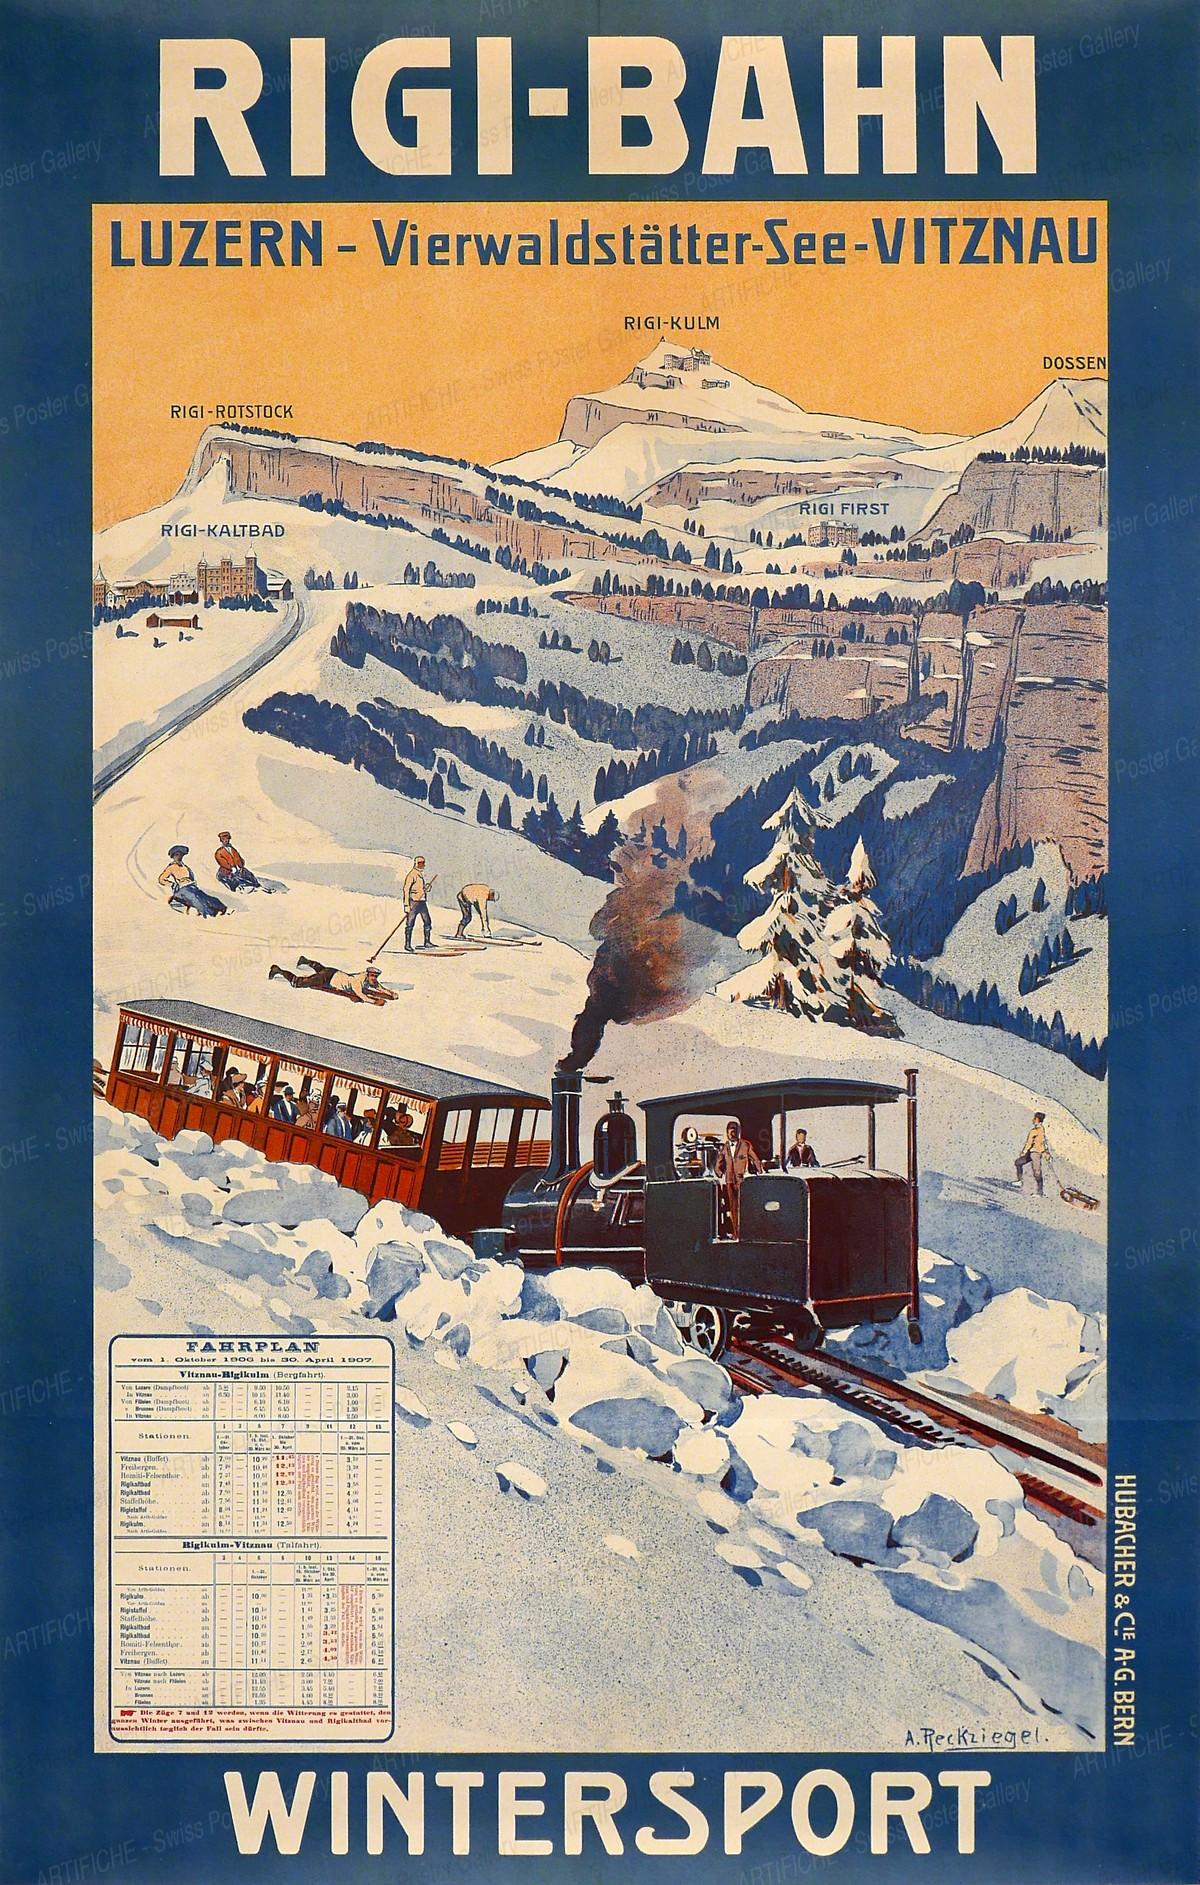 Rigi-Bahn – Wintersport, Anton Reckziegel